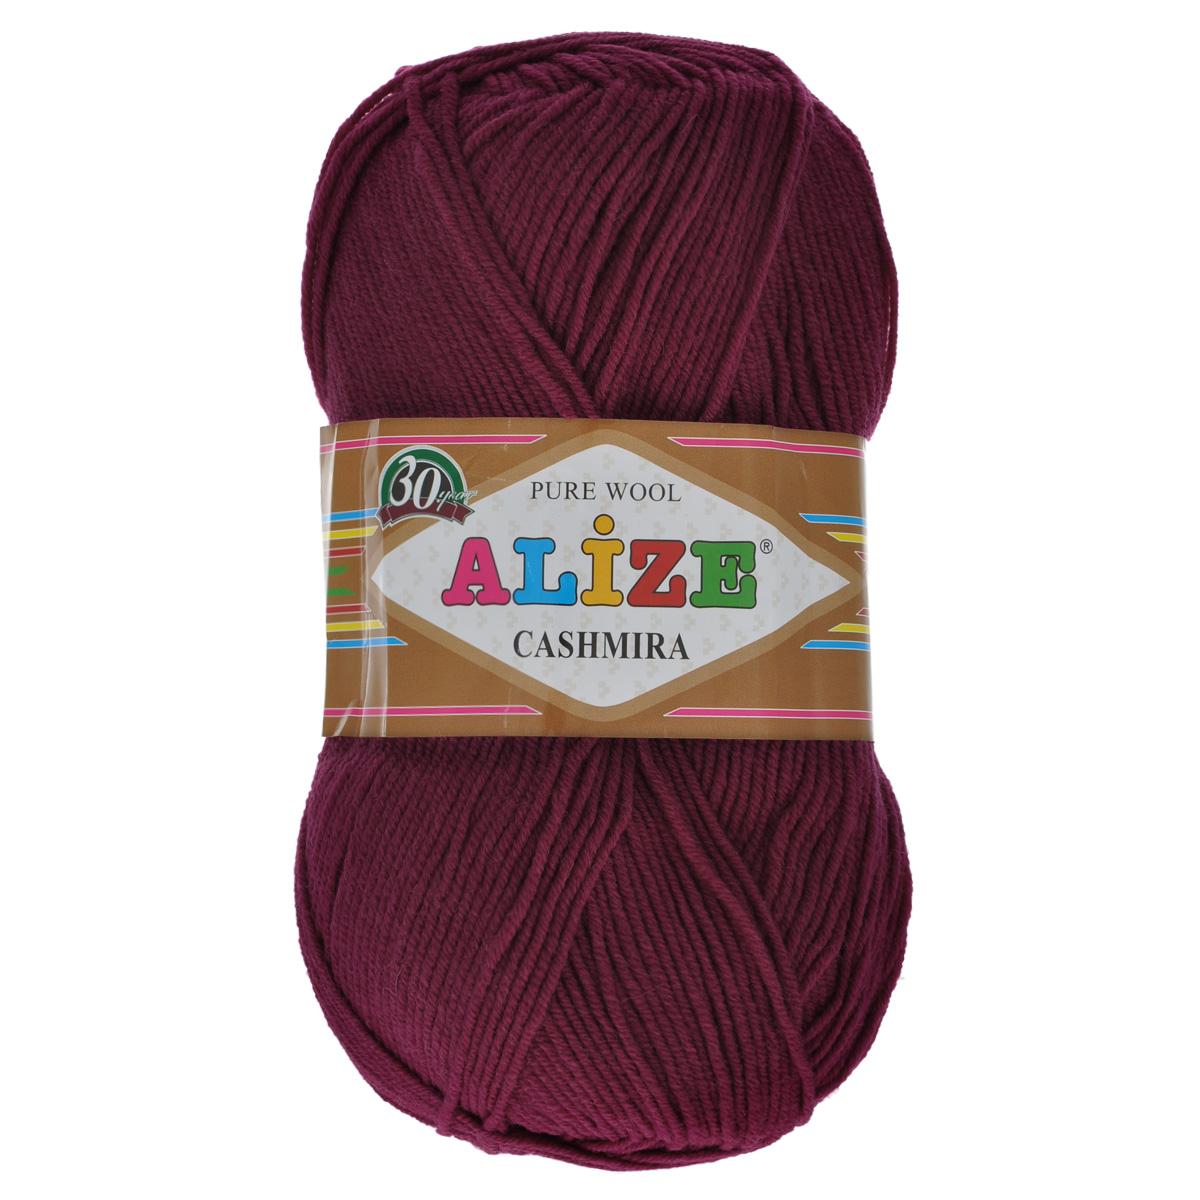 Пряжа для вязания Alize Cashmira, цвет: бордовый (57), 300 м, 100 г, 5 шт364009_57Пряжа для вязания Alize Cashmira изготовлена из 100% шерсти. Пряжа упругая, эластичная, тёплая, уютная и не колется, что очень подходит для детей. Тоненькая нитка прекрасно подойдет для вязки демисезонных вещей. Пряжа легко распускается и перевязывается несколько раз, не деформируясь и не влияя на вид изделия. Натуральная шерстяная нить, обеспечивает изделию прекрасную форму. Рекомендуется ручная стирка при температуре 30 °C. Рекомендованные спицы № 3-5, крючок № 2-4.